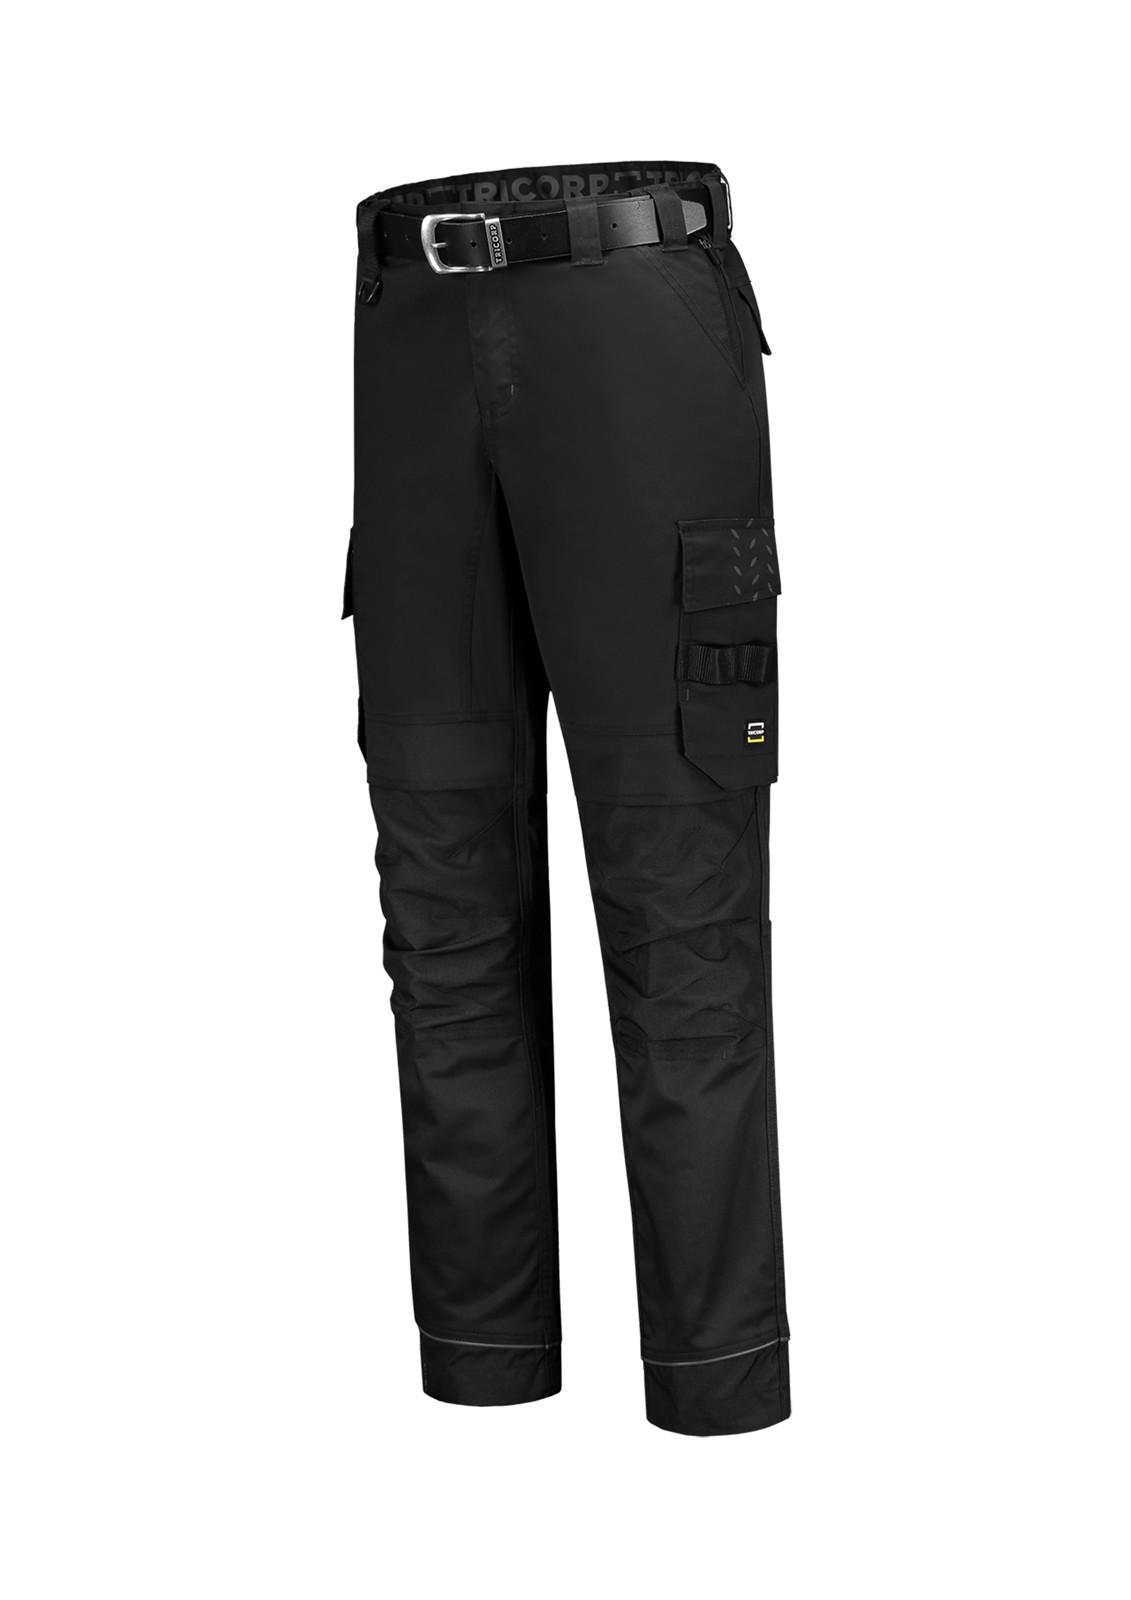 Pracovní kalhoty unisex Tricorp Work Pants Twill Cordura Stretch - Černá / 46